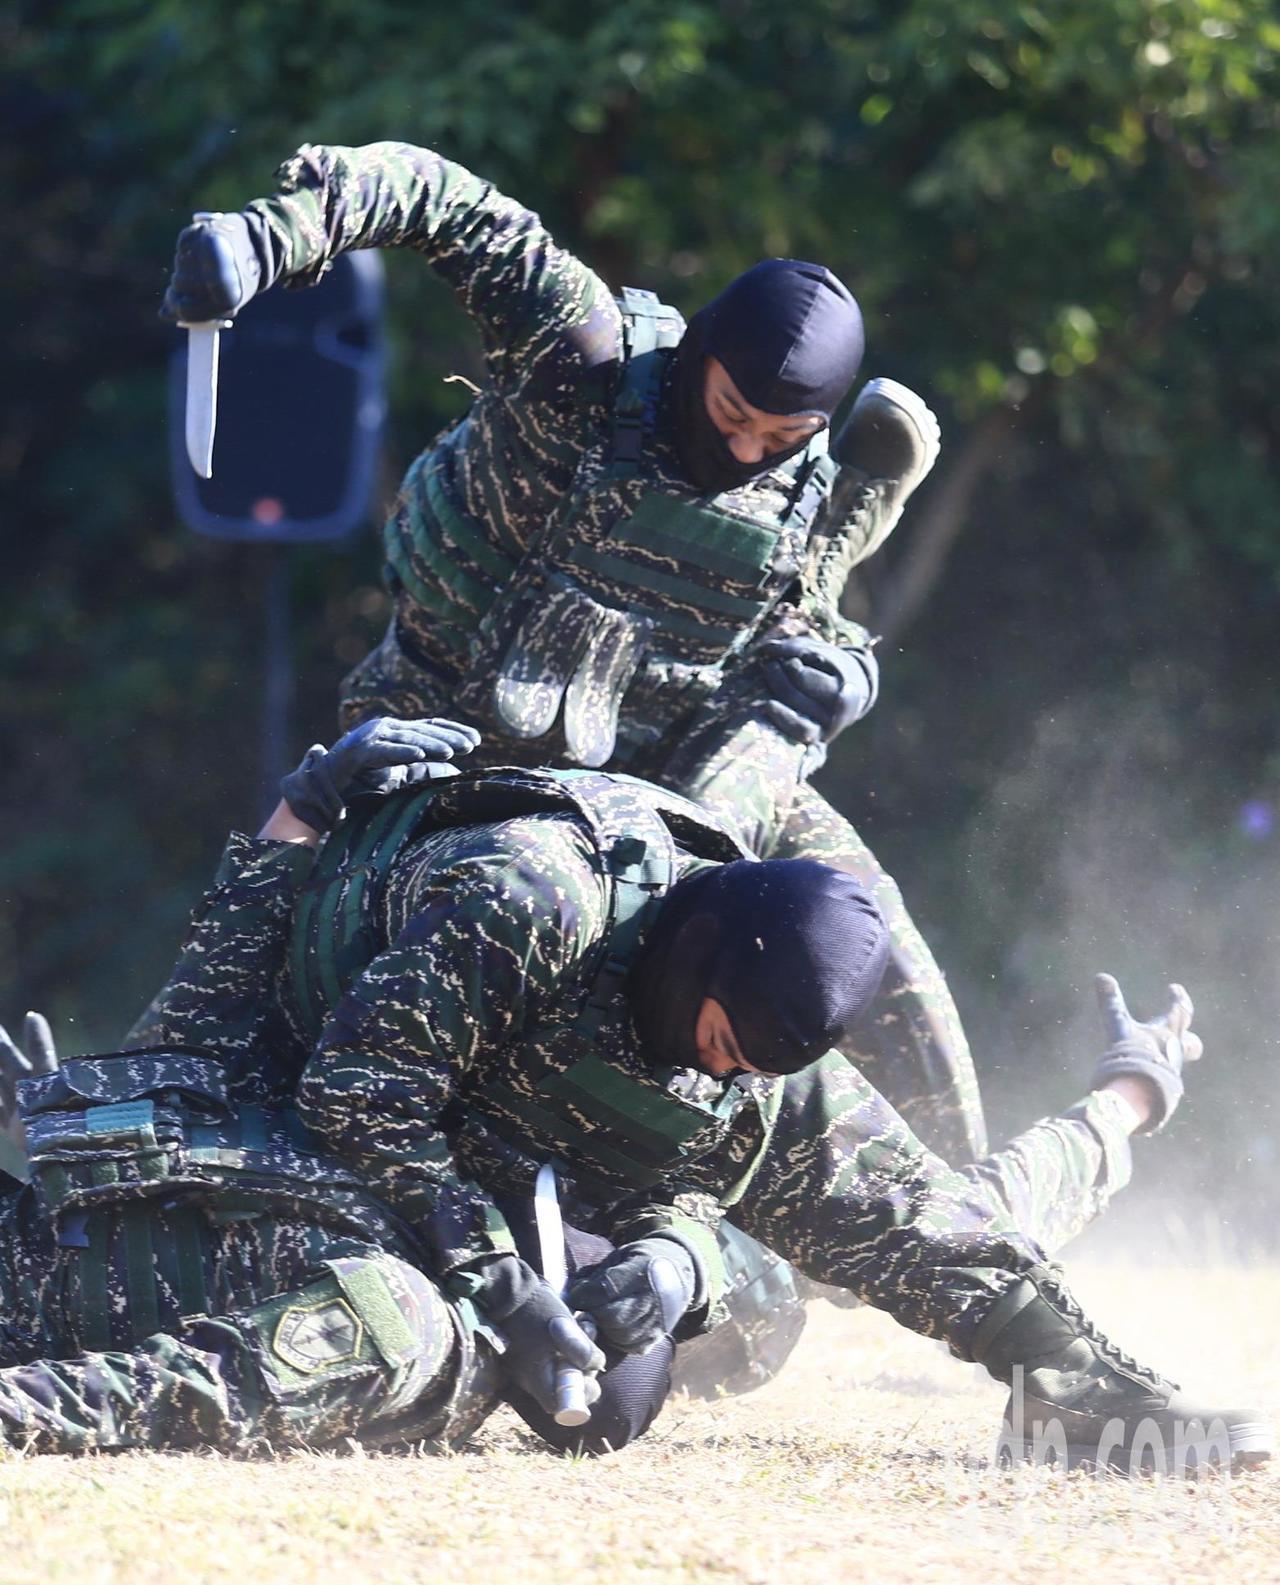 國軍109春節加強戰備上午由海軍兩棲偵搜大隊進行綜合格鬥技演練。記者陳正興/攝影